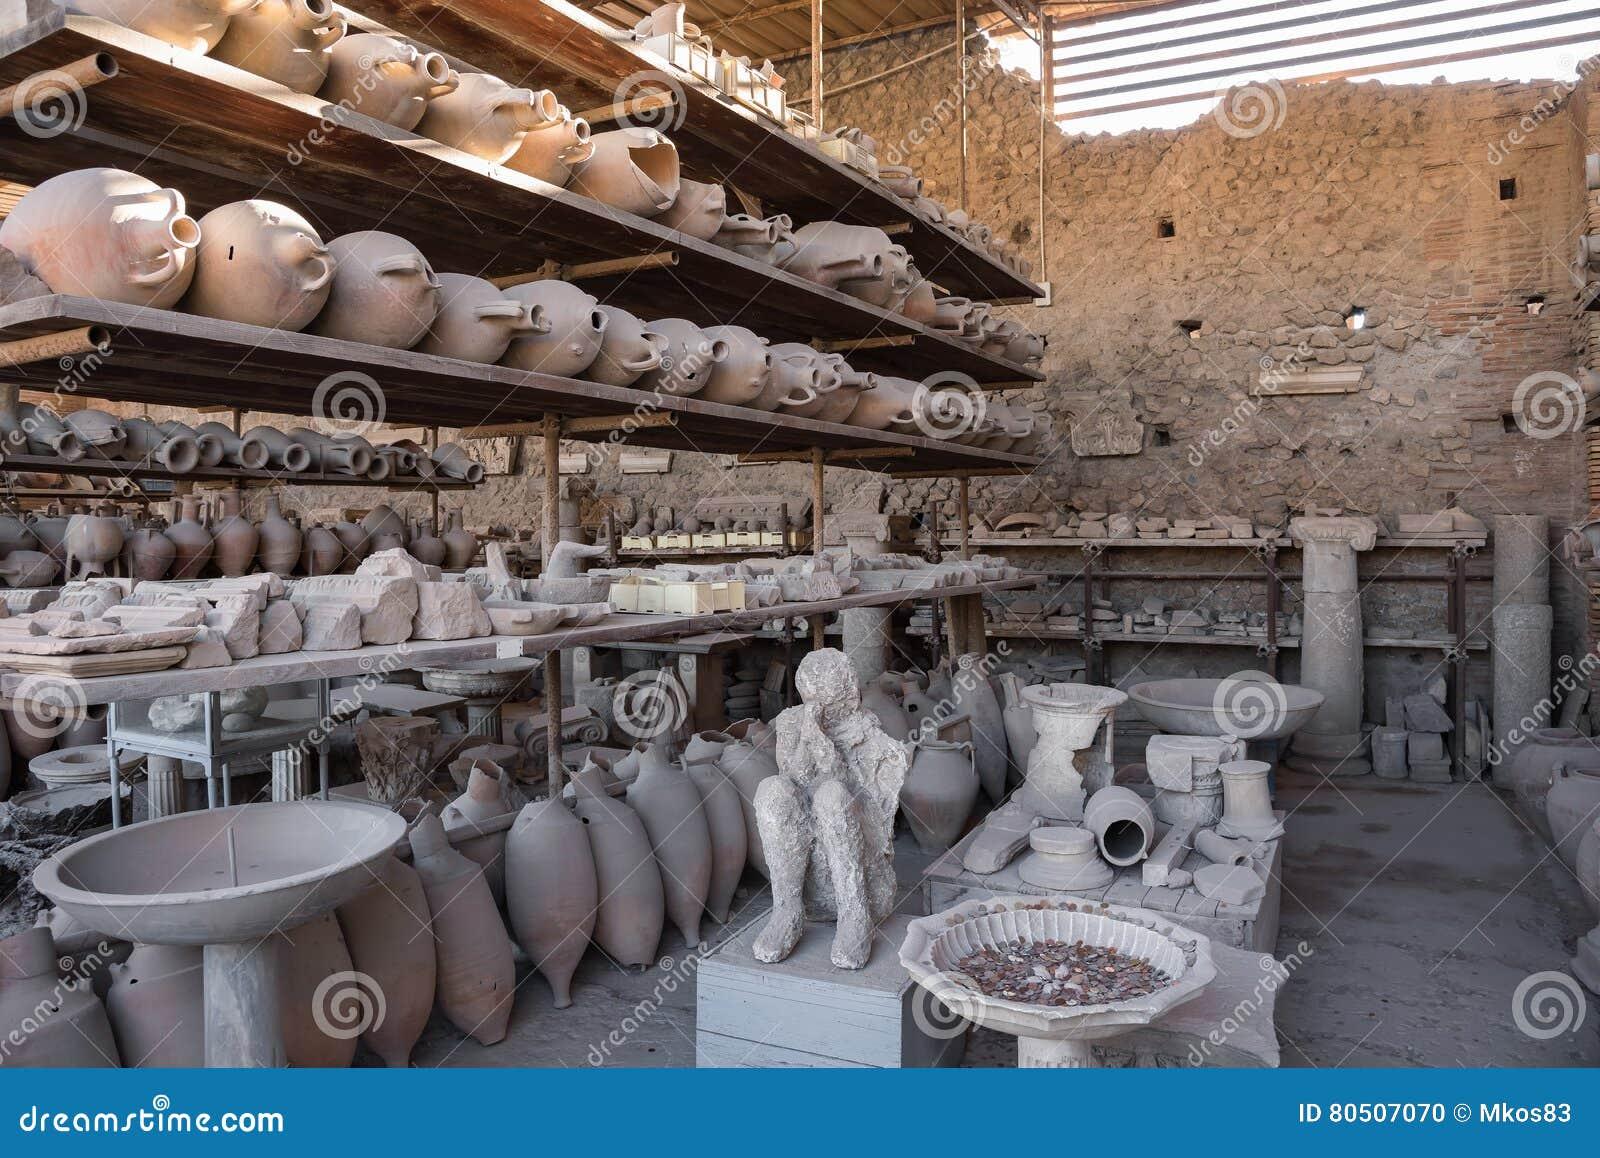 Ritrovamenti archeologici a Pompei, la città romana antica